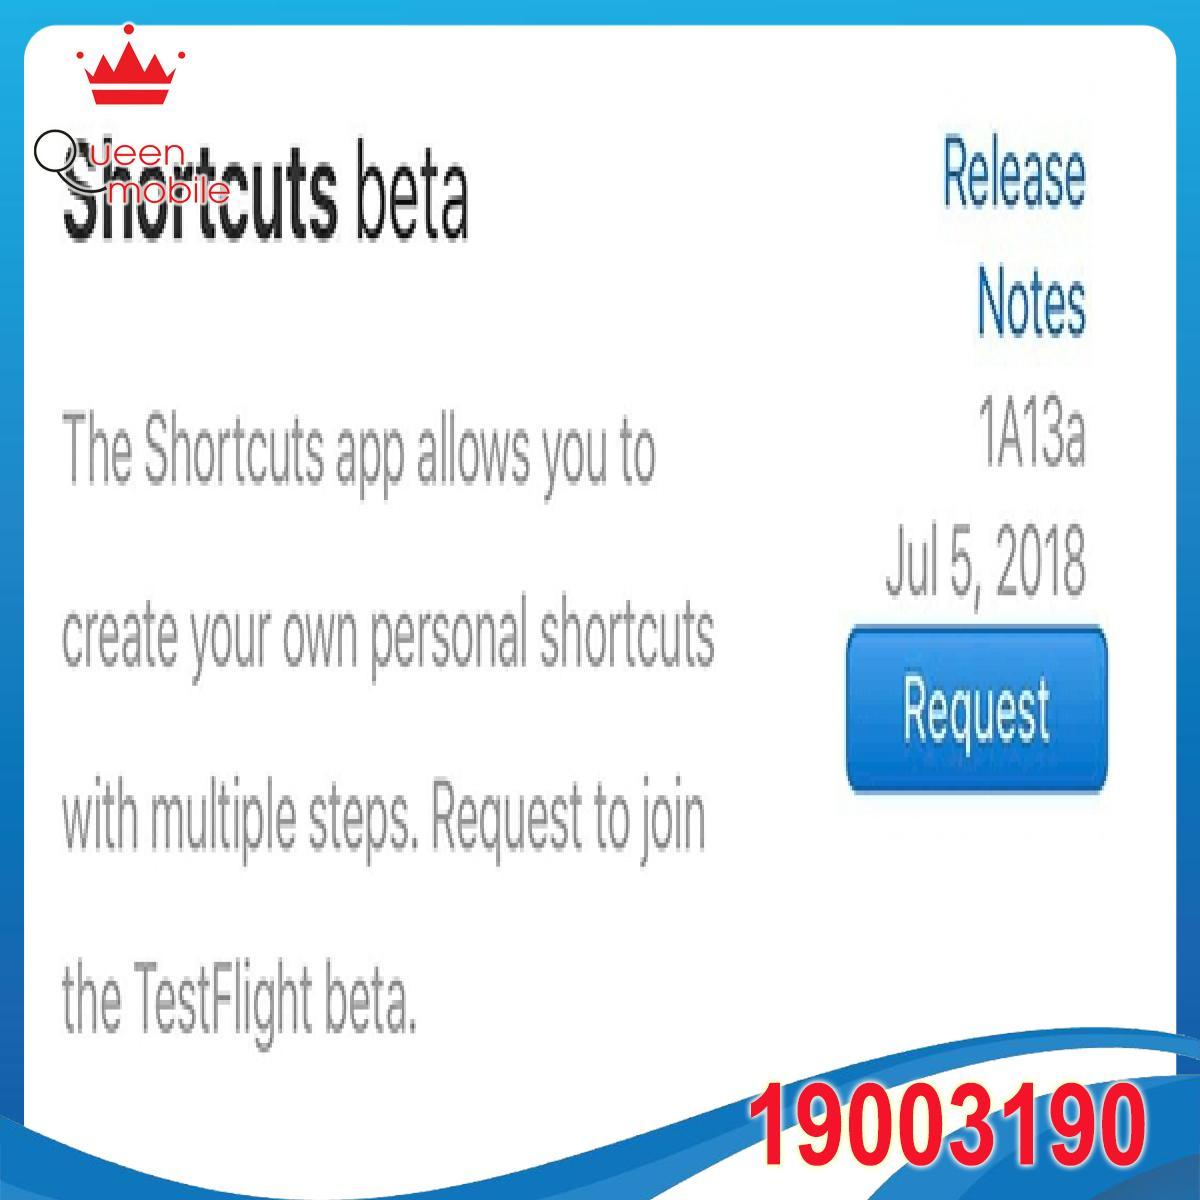 Apple giới thiệu ứng dụng Shortcuts beta dành cho nhà phát triển